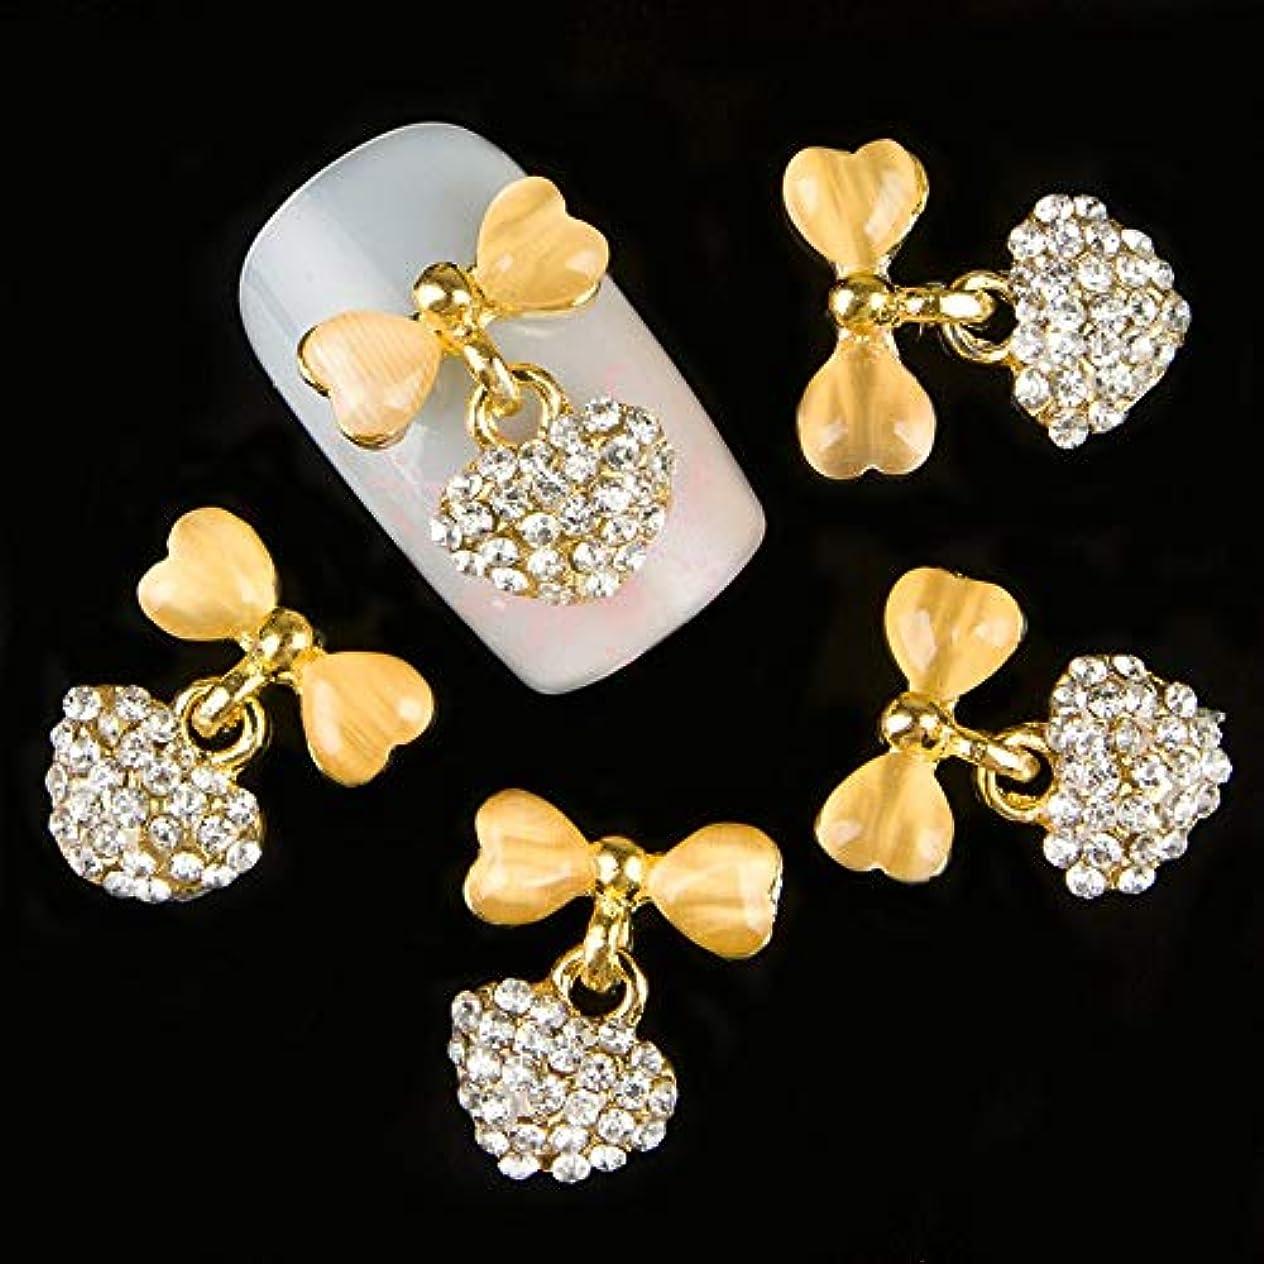 効果的ためらうウイルス10個入りの3D金の弓のきらめき宝石装飾ネイルアートのヒントデコレーションネイルスタッズラインストーン